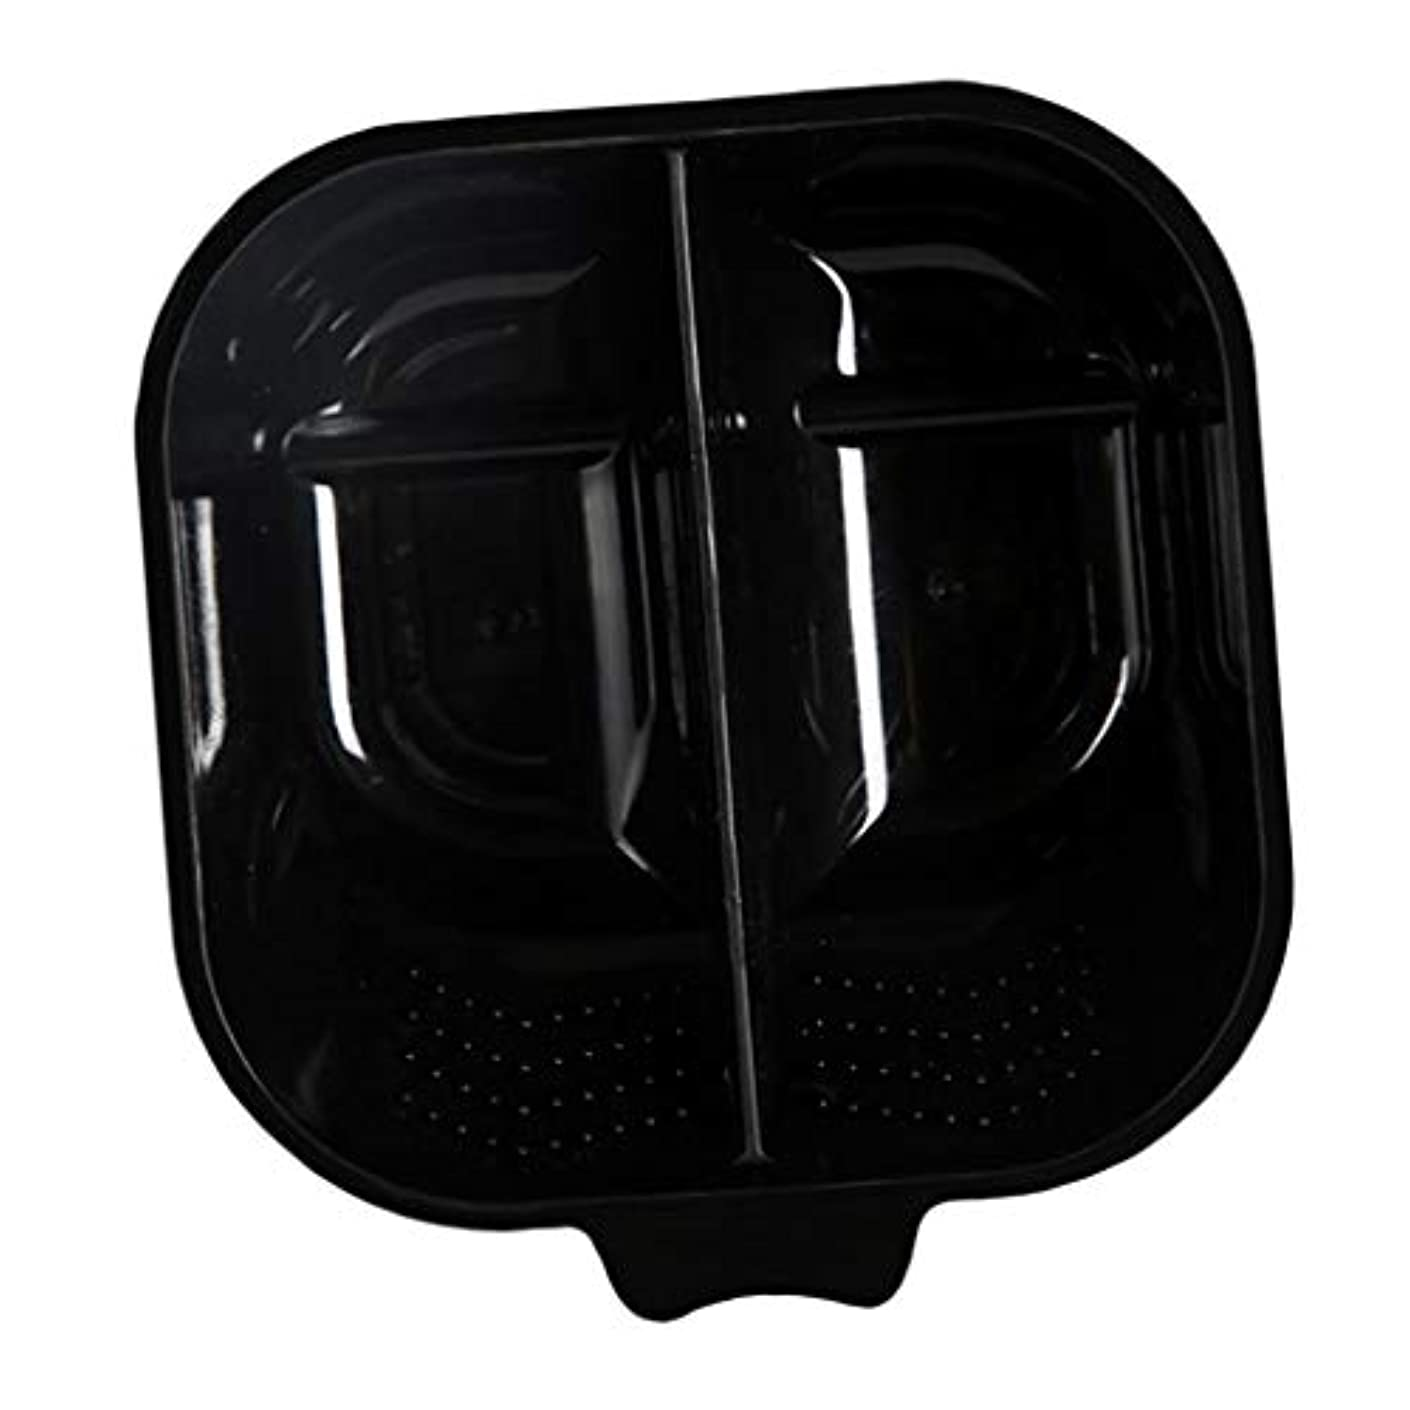 め言葉ポルティコ比べるヘアカラーリング用品 ヘアカラーボウル ヘアカラープレート 毛染め 染料 混ぜる サロン プロ用品 - ブラック